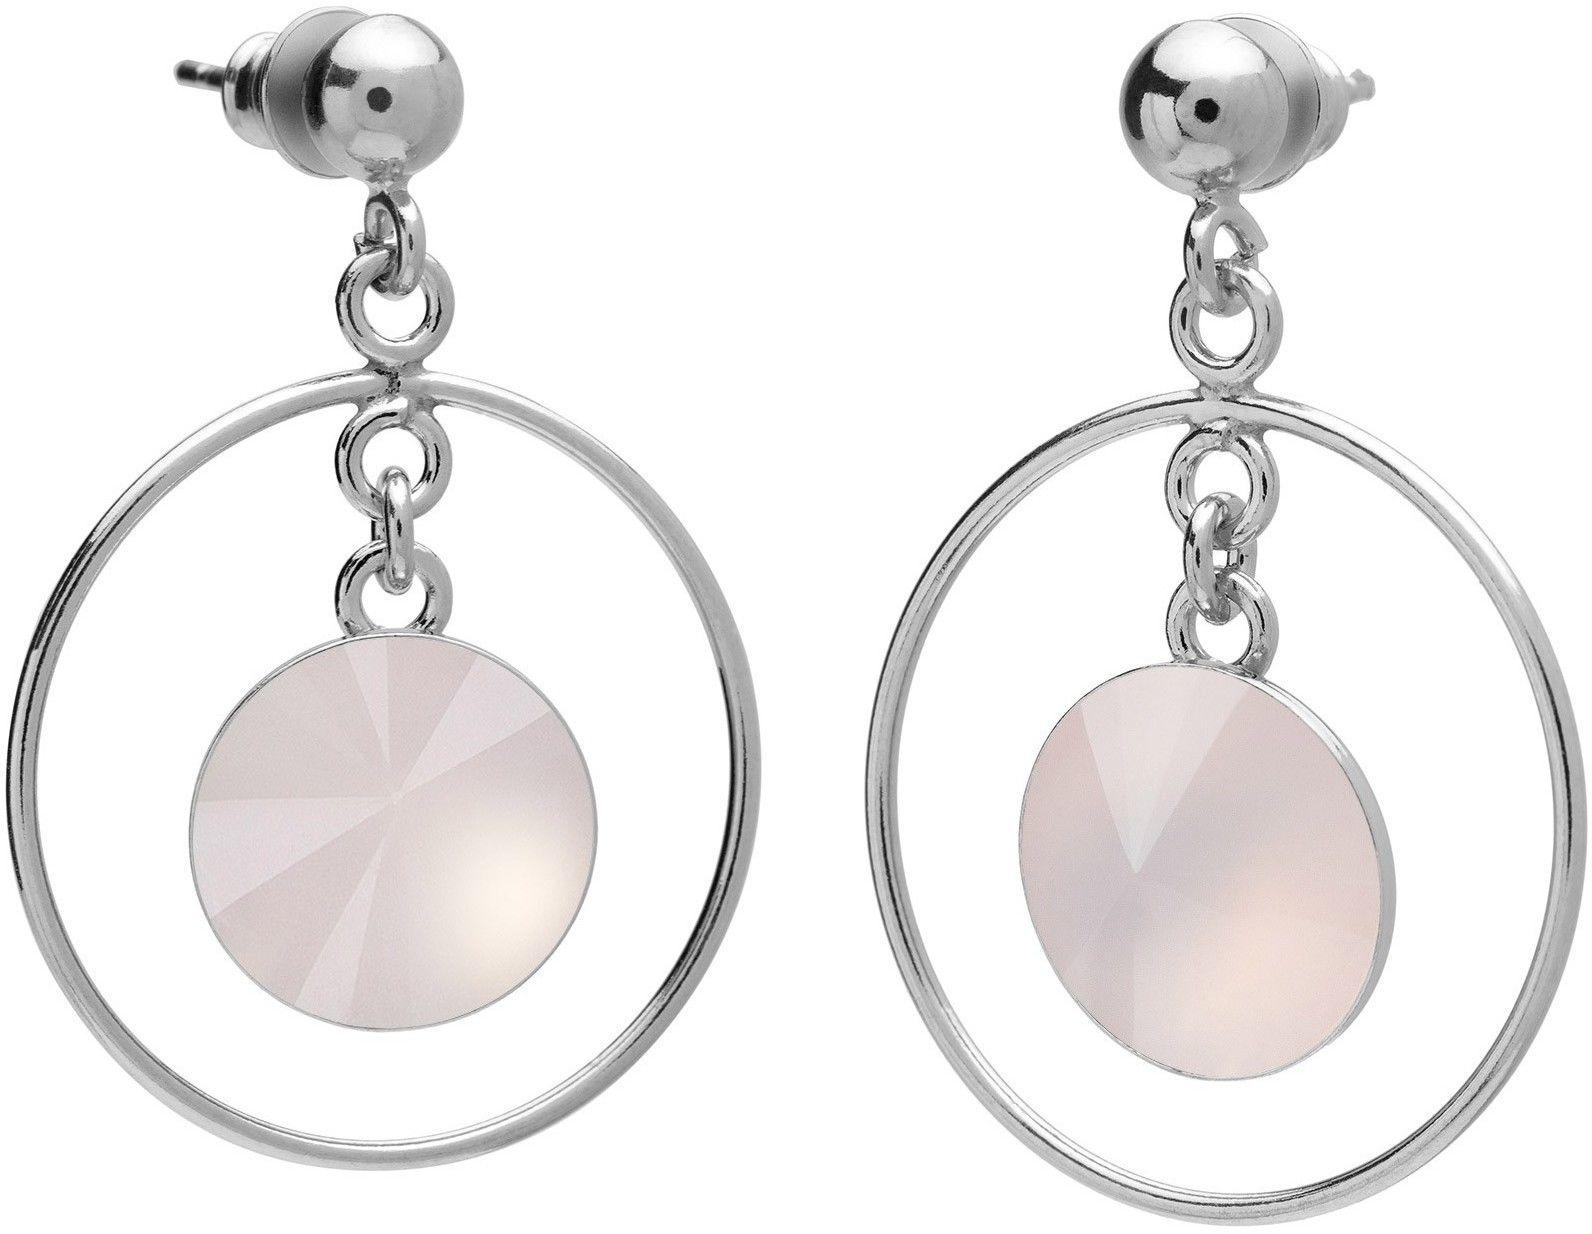 Okrągłe kolczyki z kwarcem, srebro 925 : Kamienie naturalne - kolor - kwarc różowy jasny, Srebro - kolor pokrycia - Pokrycie platyną